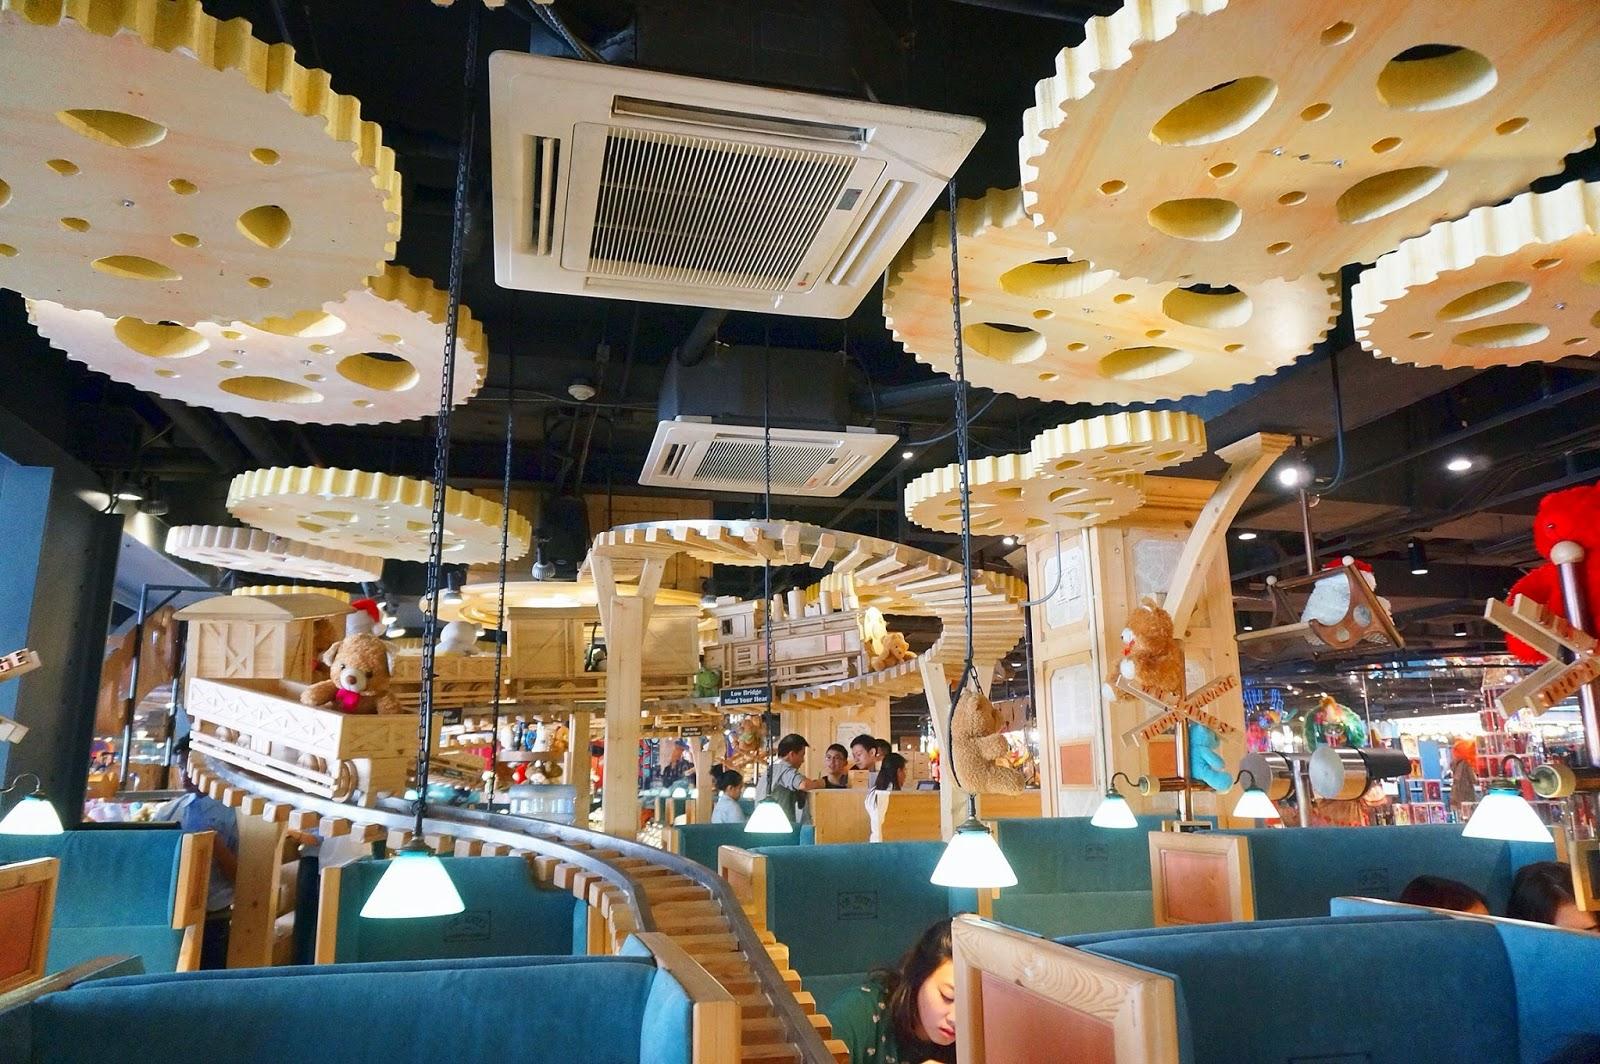 Hàng bánh ngọt nổi tiếng Mr.Jones' Orphanage với thiết kế bắt mắt tại Siam Center